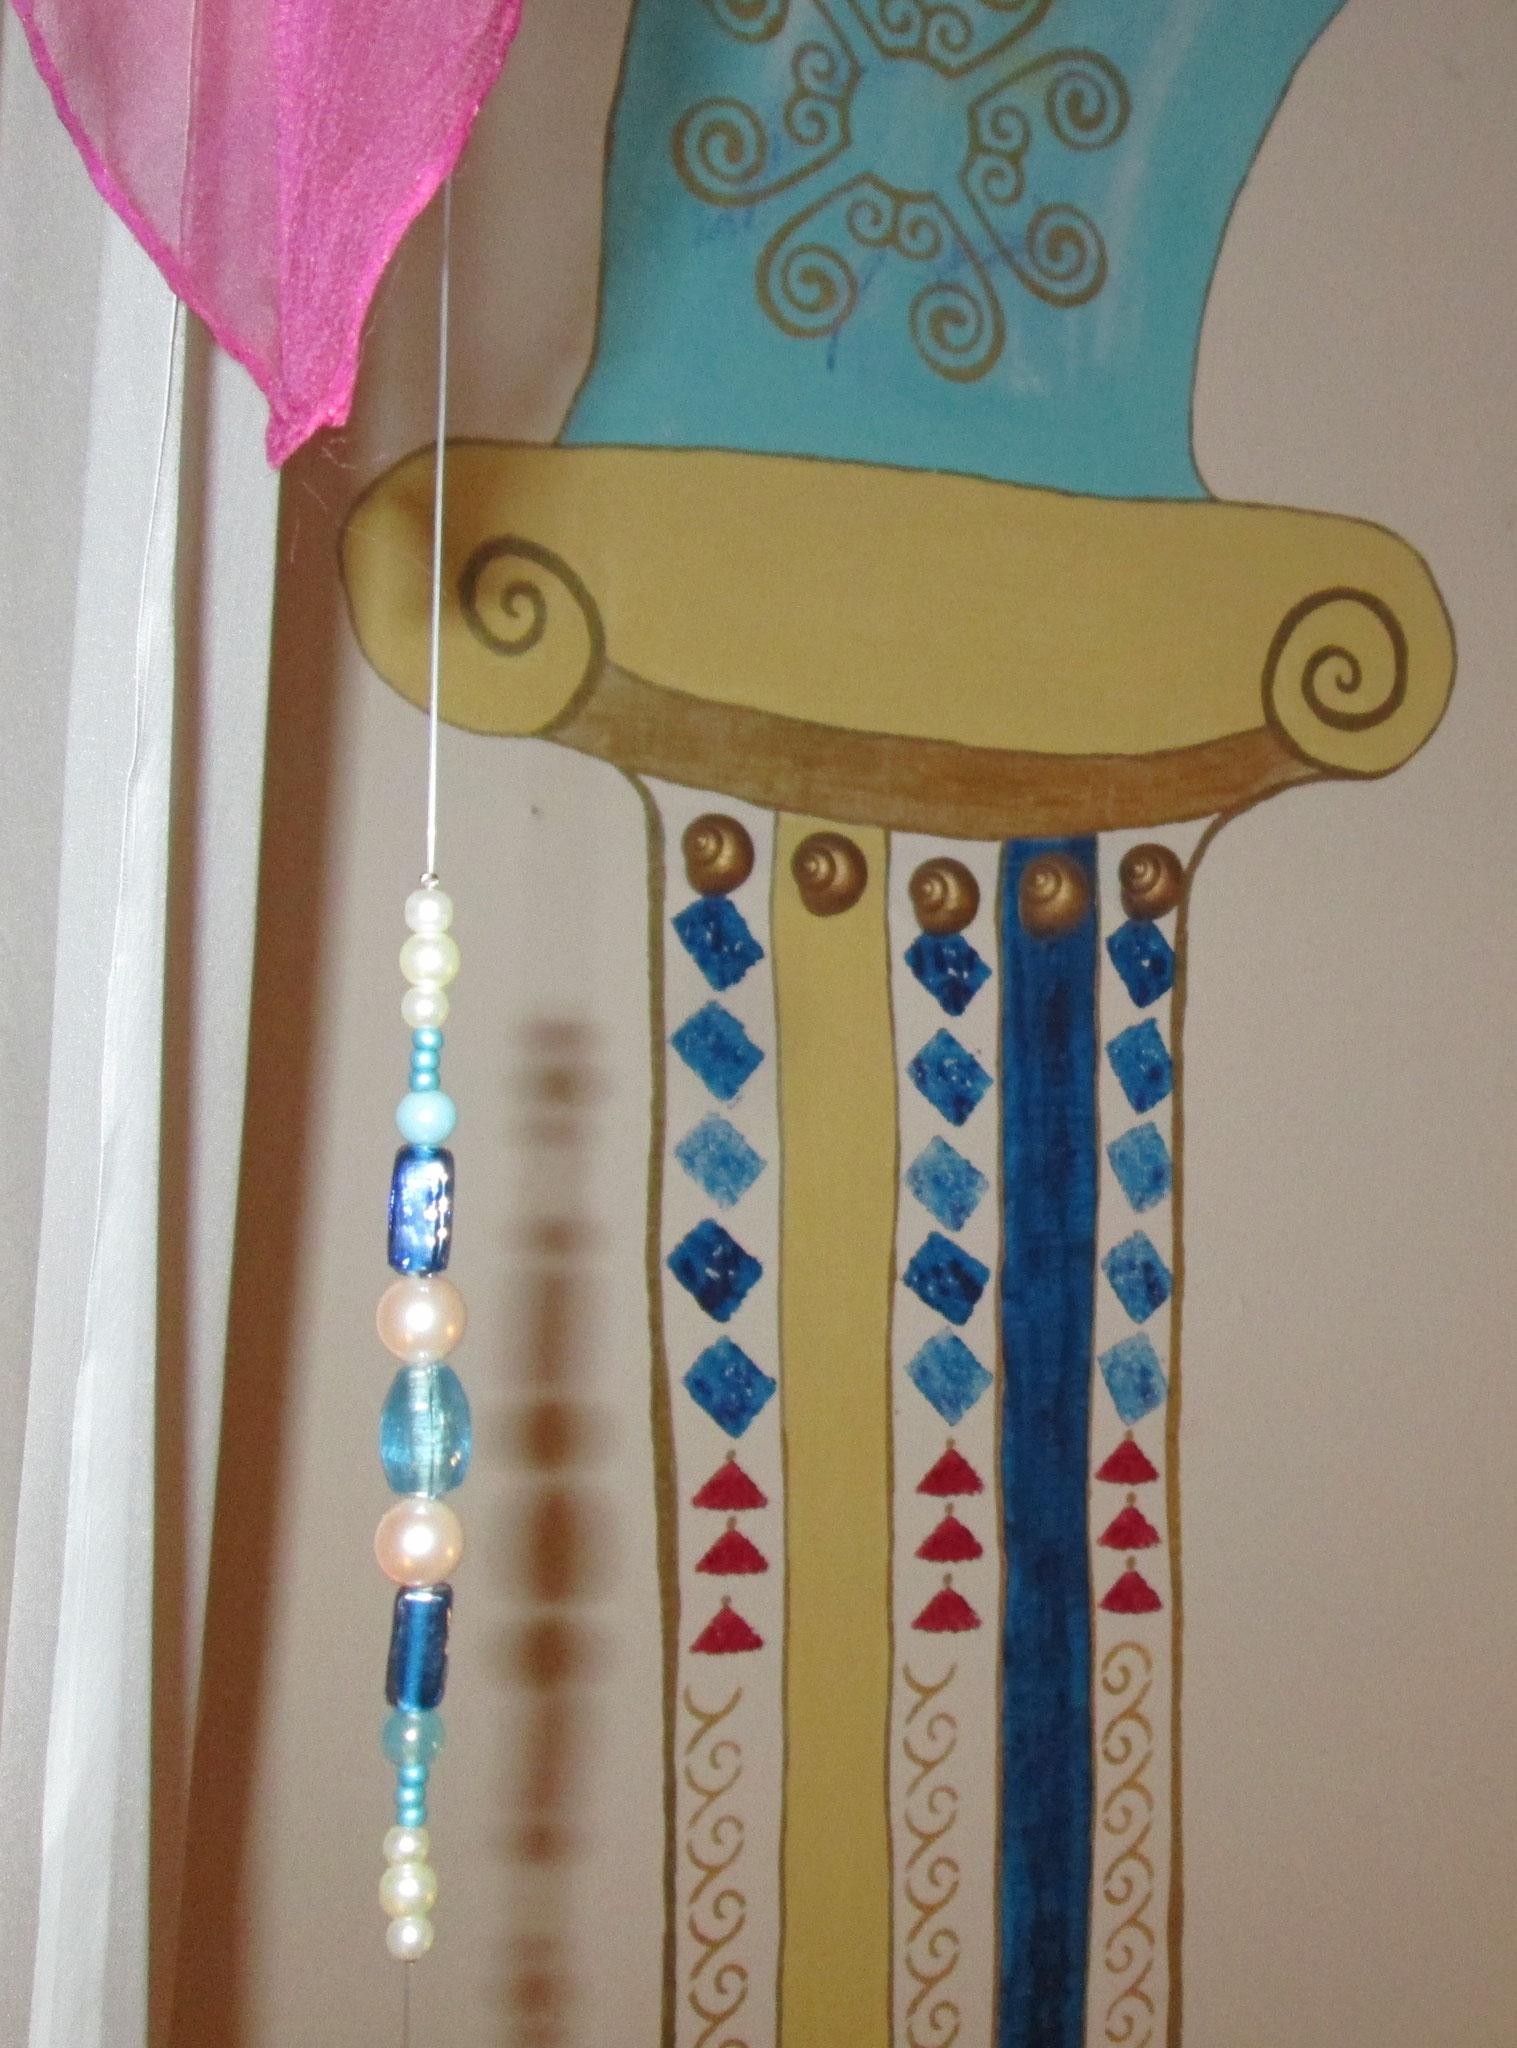 Orientalische Ornamente an der Wand in meiner Wohnung...